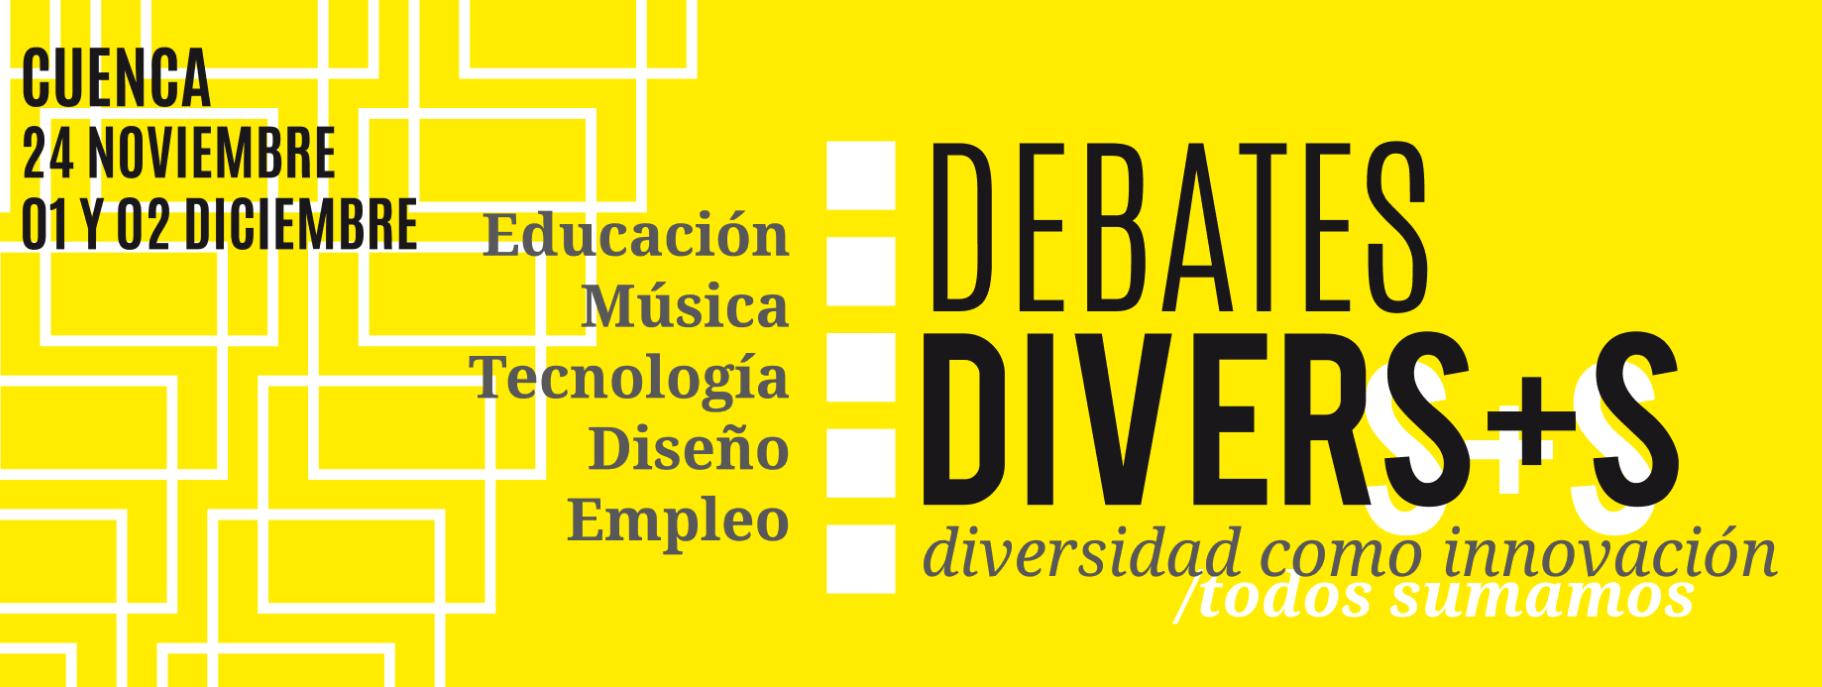 DIVERS+S; encuentro sobre Educación, Música, Tecnología, Diseño y Empleo.